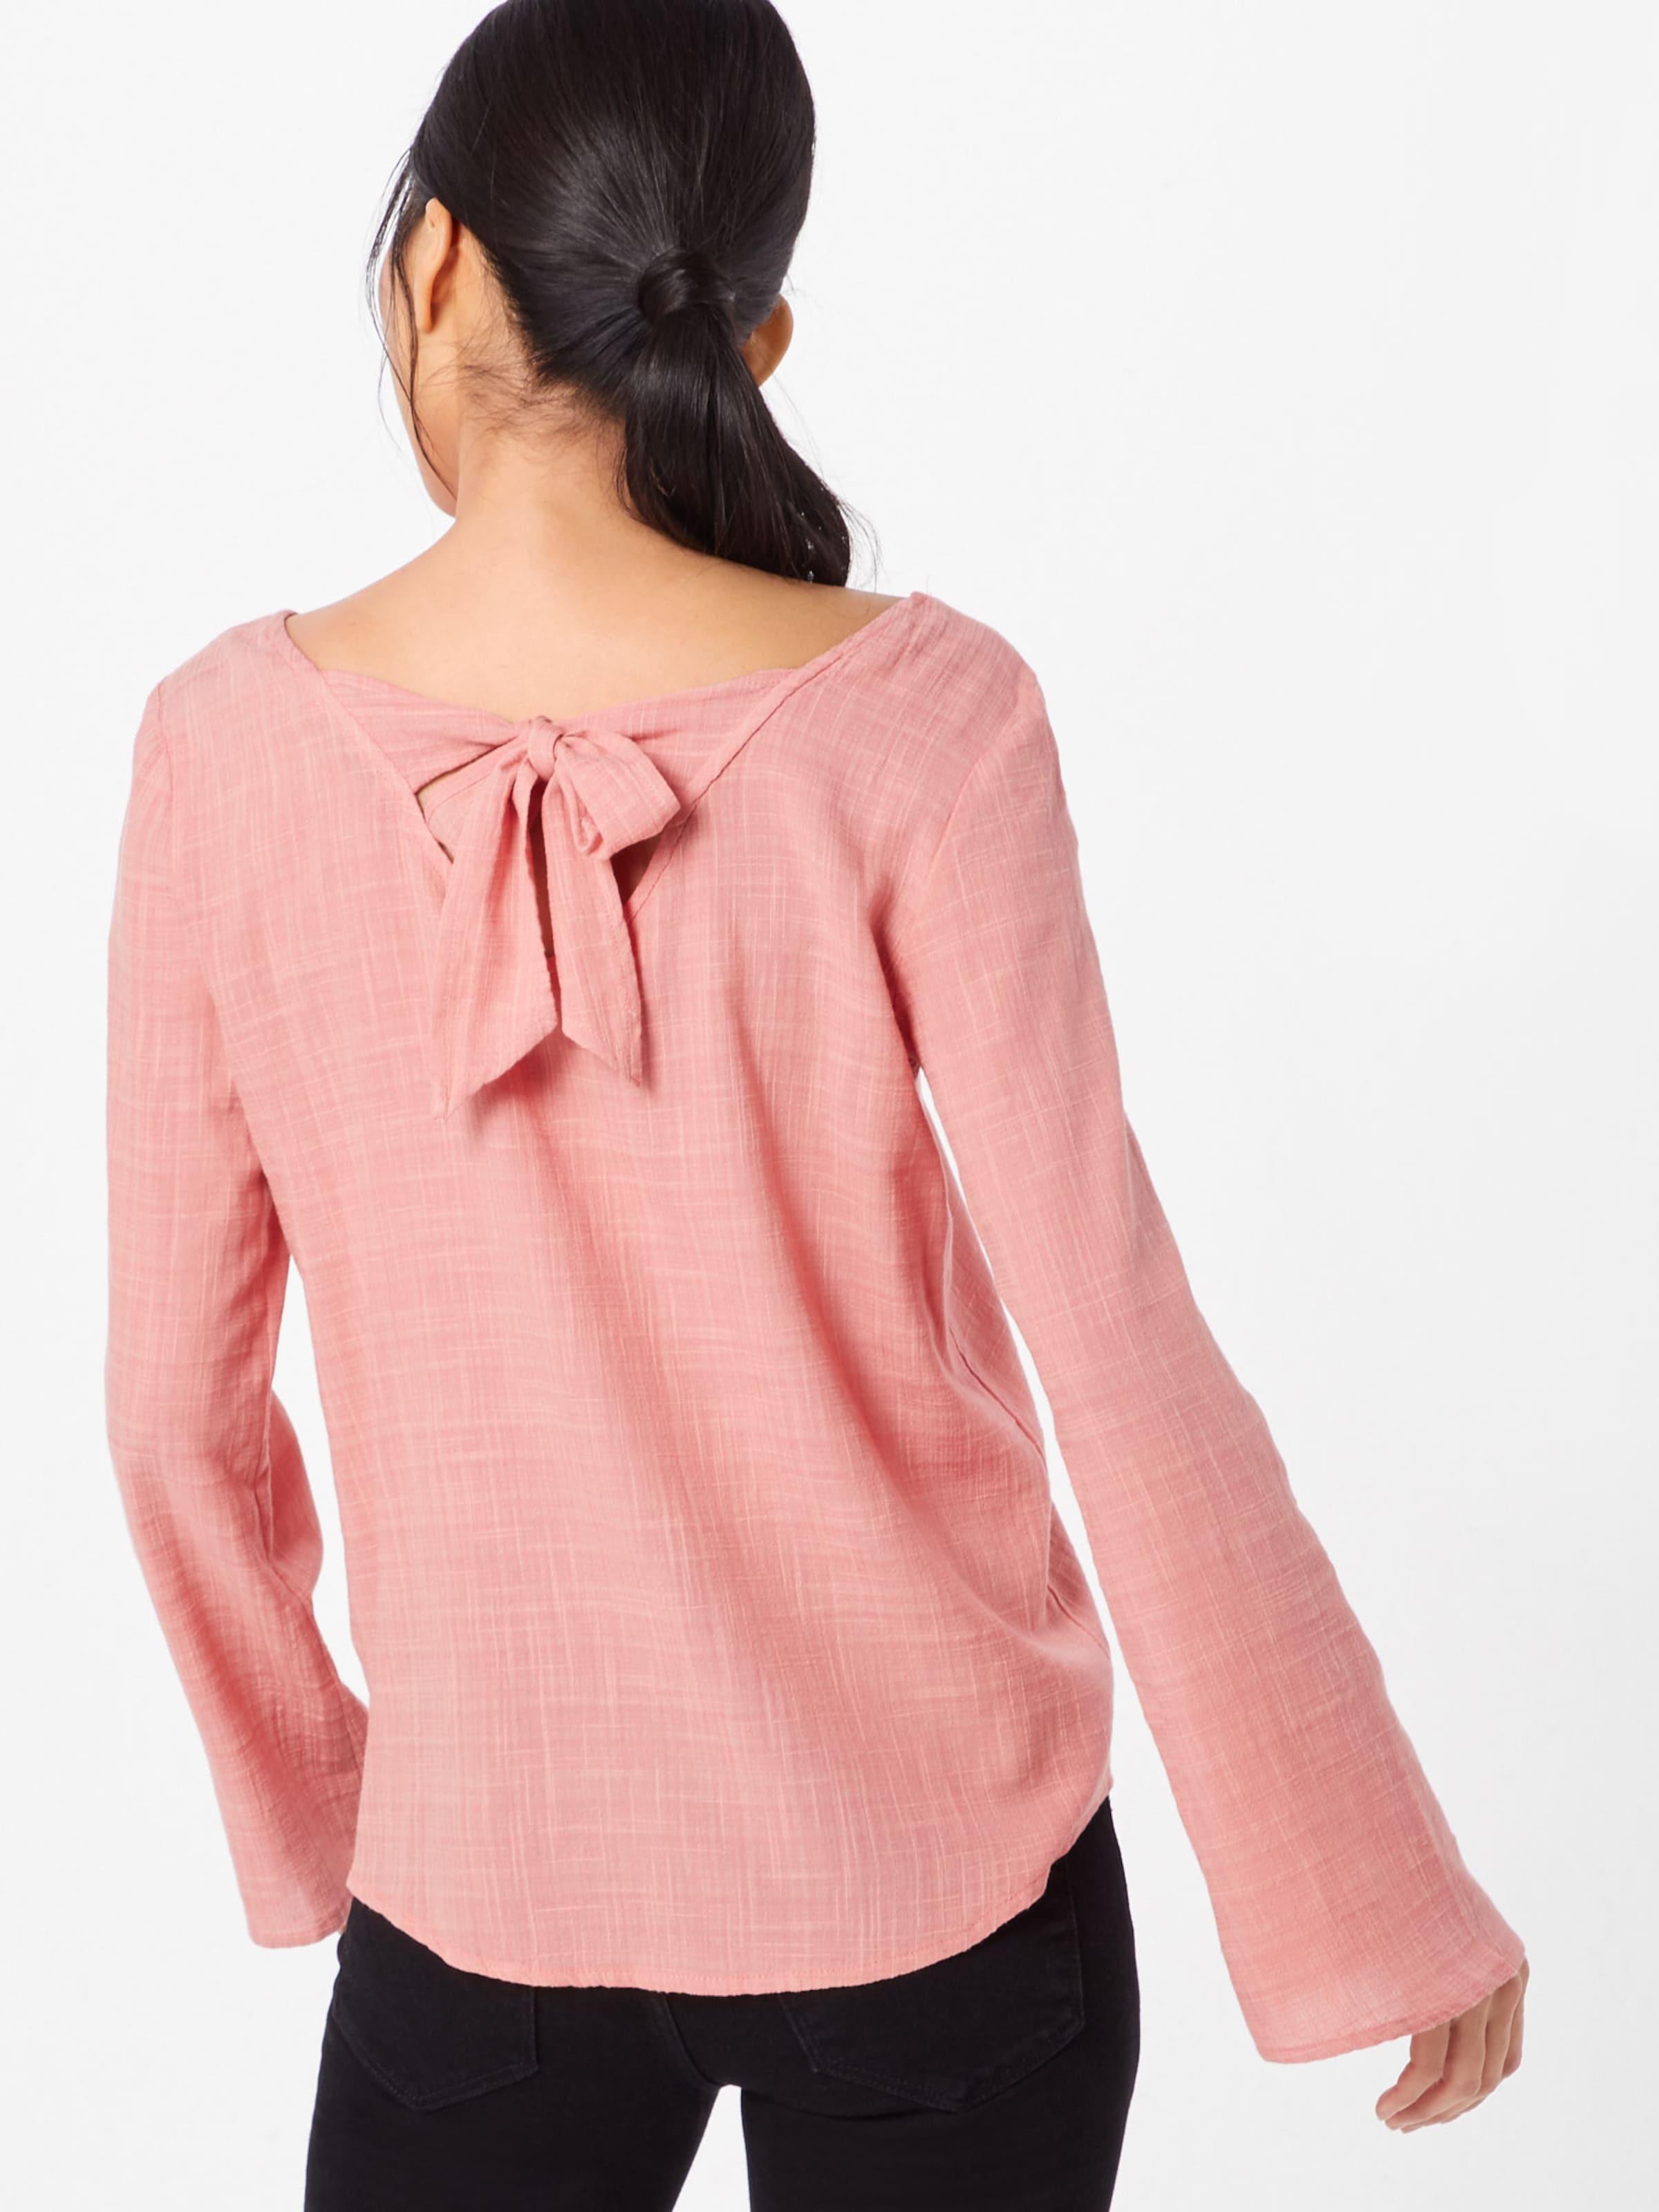 En Chemisier By Woven' Slu Esprit Cotton Edc Poudre 'soft Blouses 9eWEDH2IY